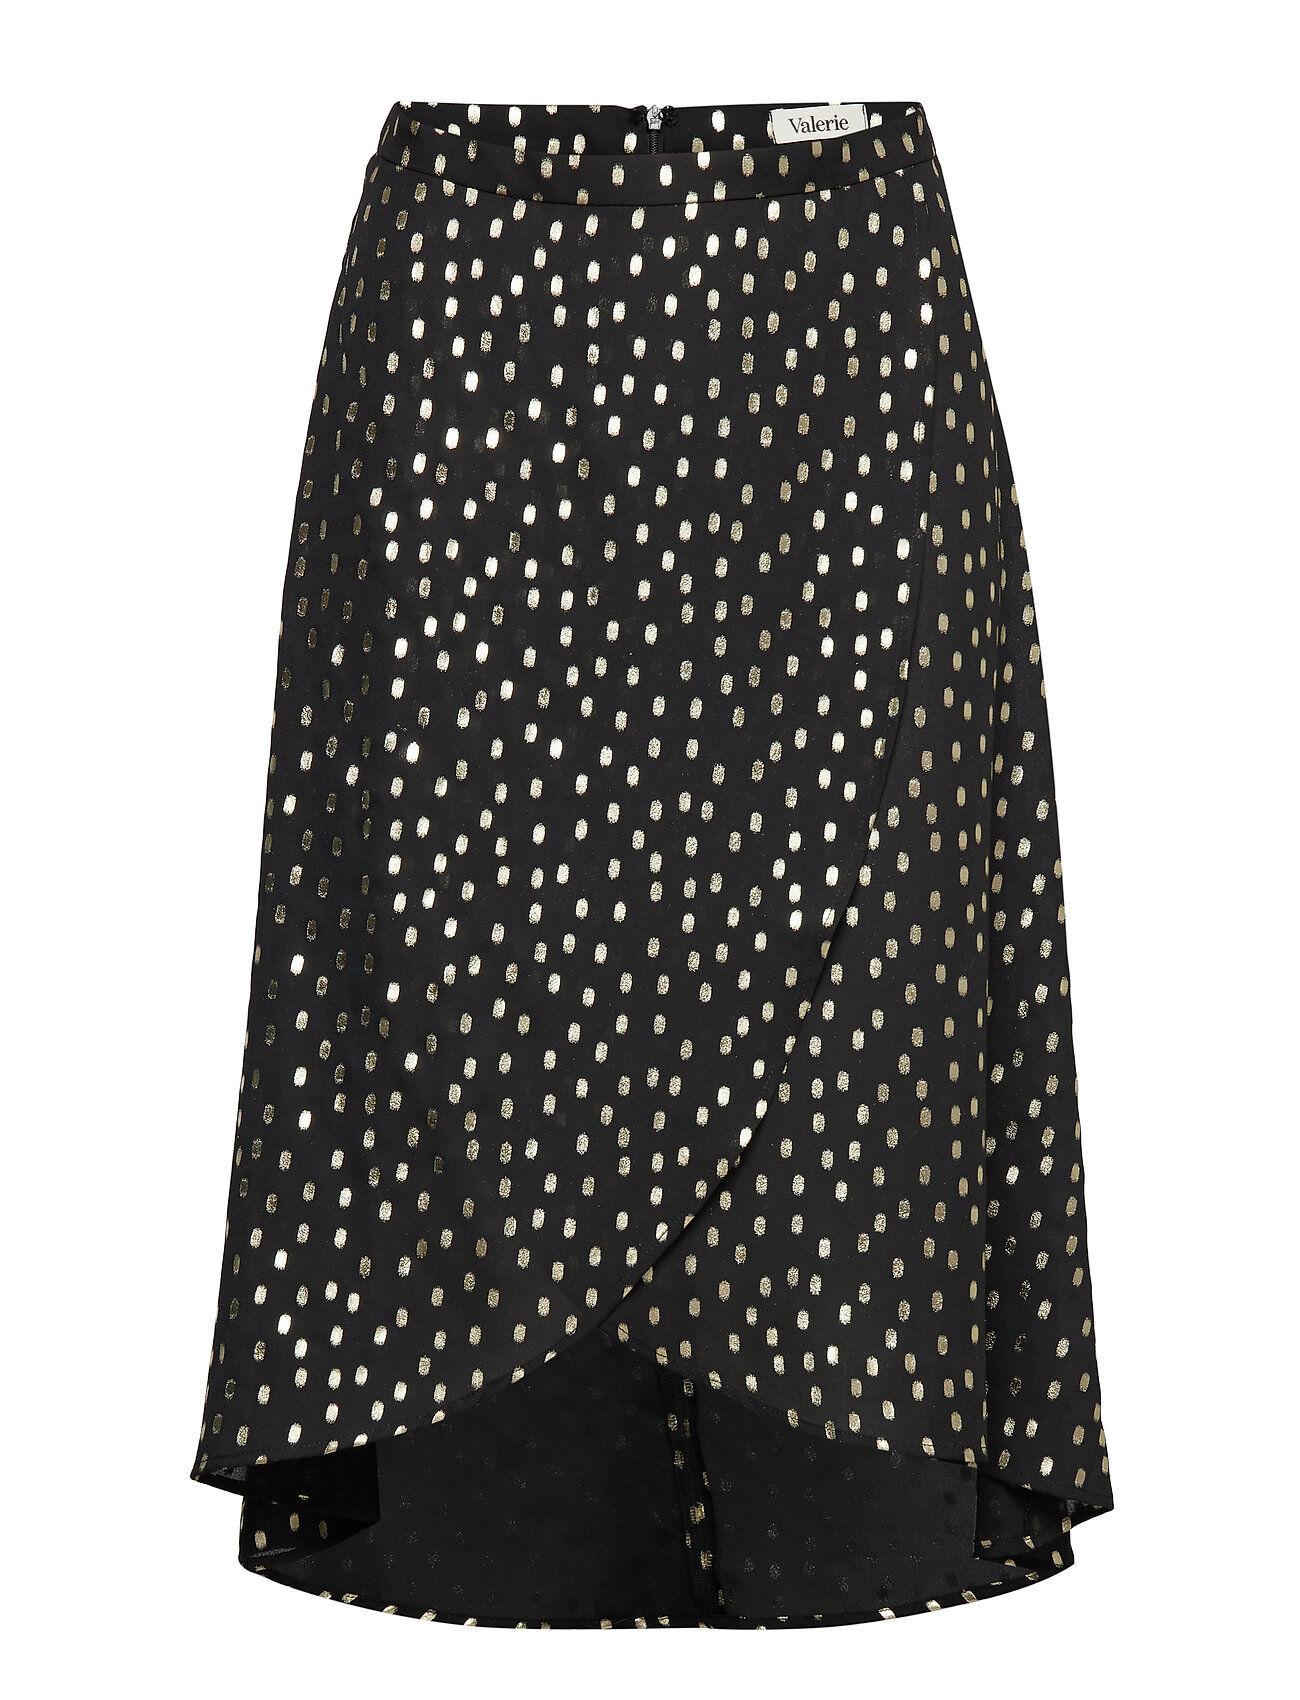 Valerie Soya Skirt